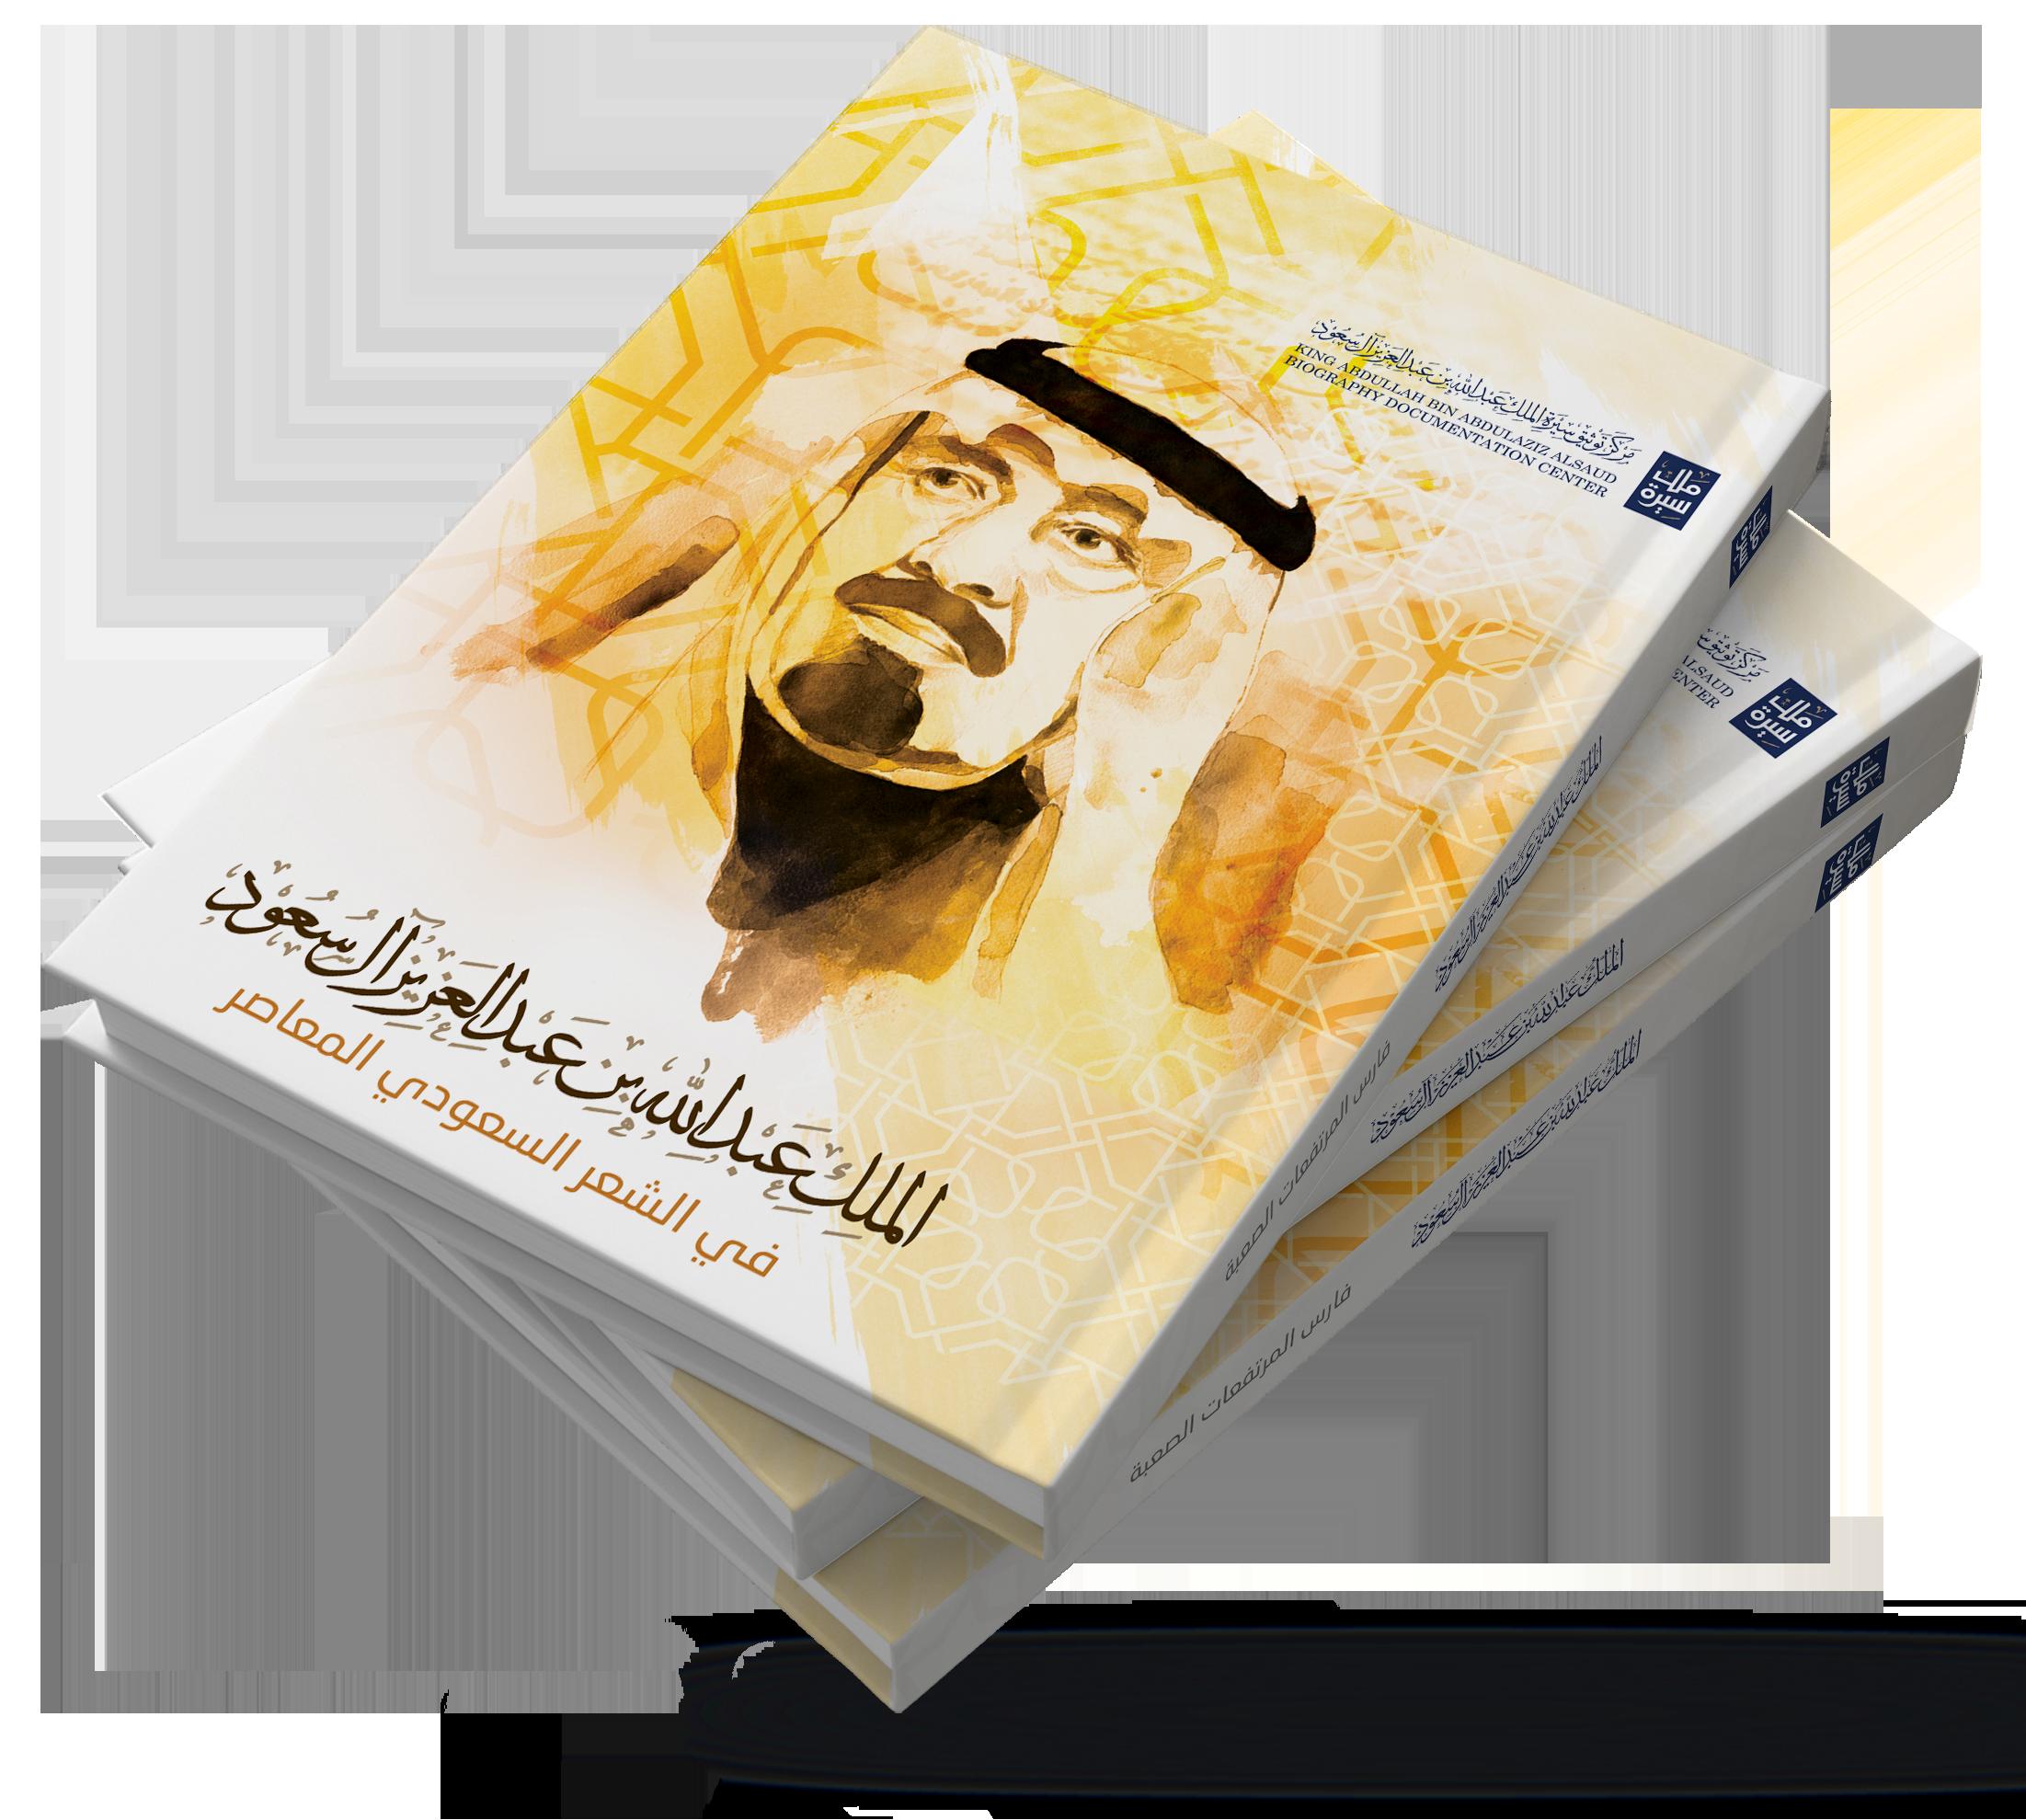 الملك عبدالله بن عبدالعزيز آل سعود في الشعر السعودي المعاصر؛ دراسة موضوعية فنية